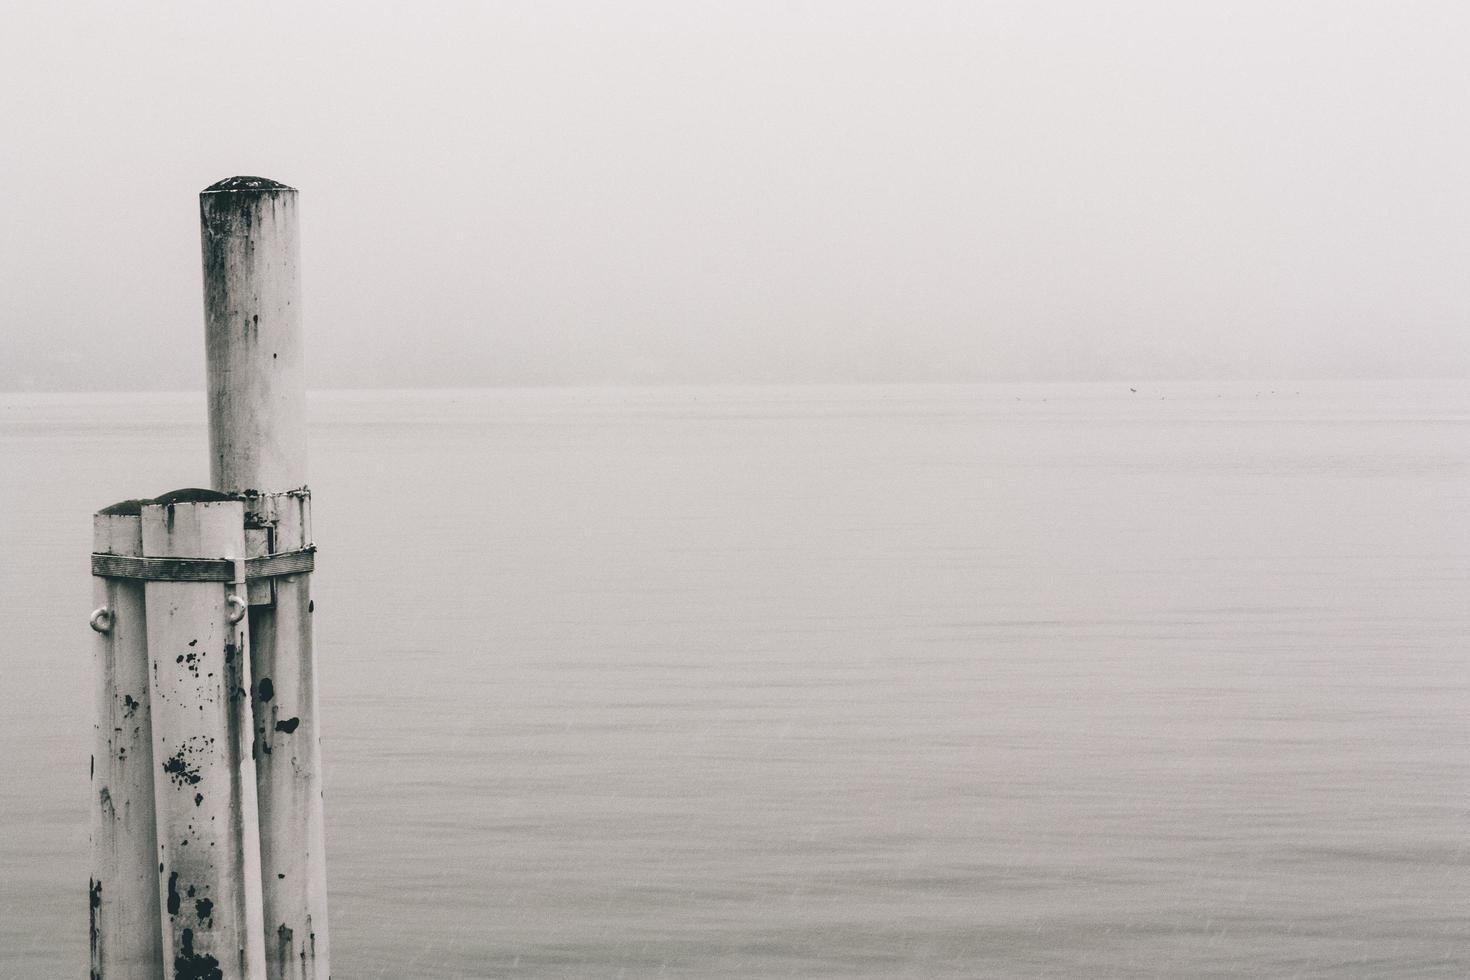 vit trästolpe på havsvatten foto